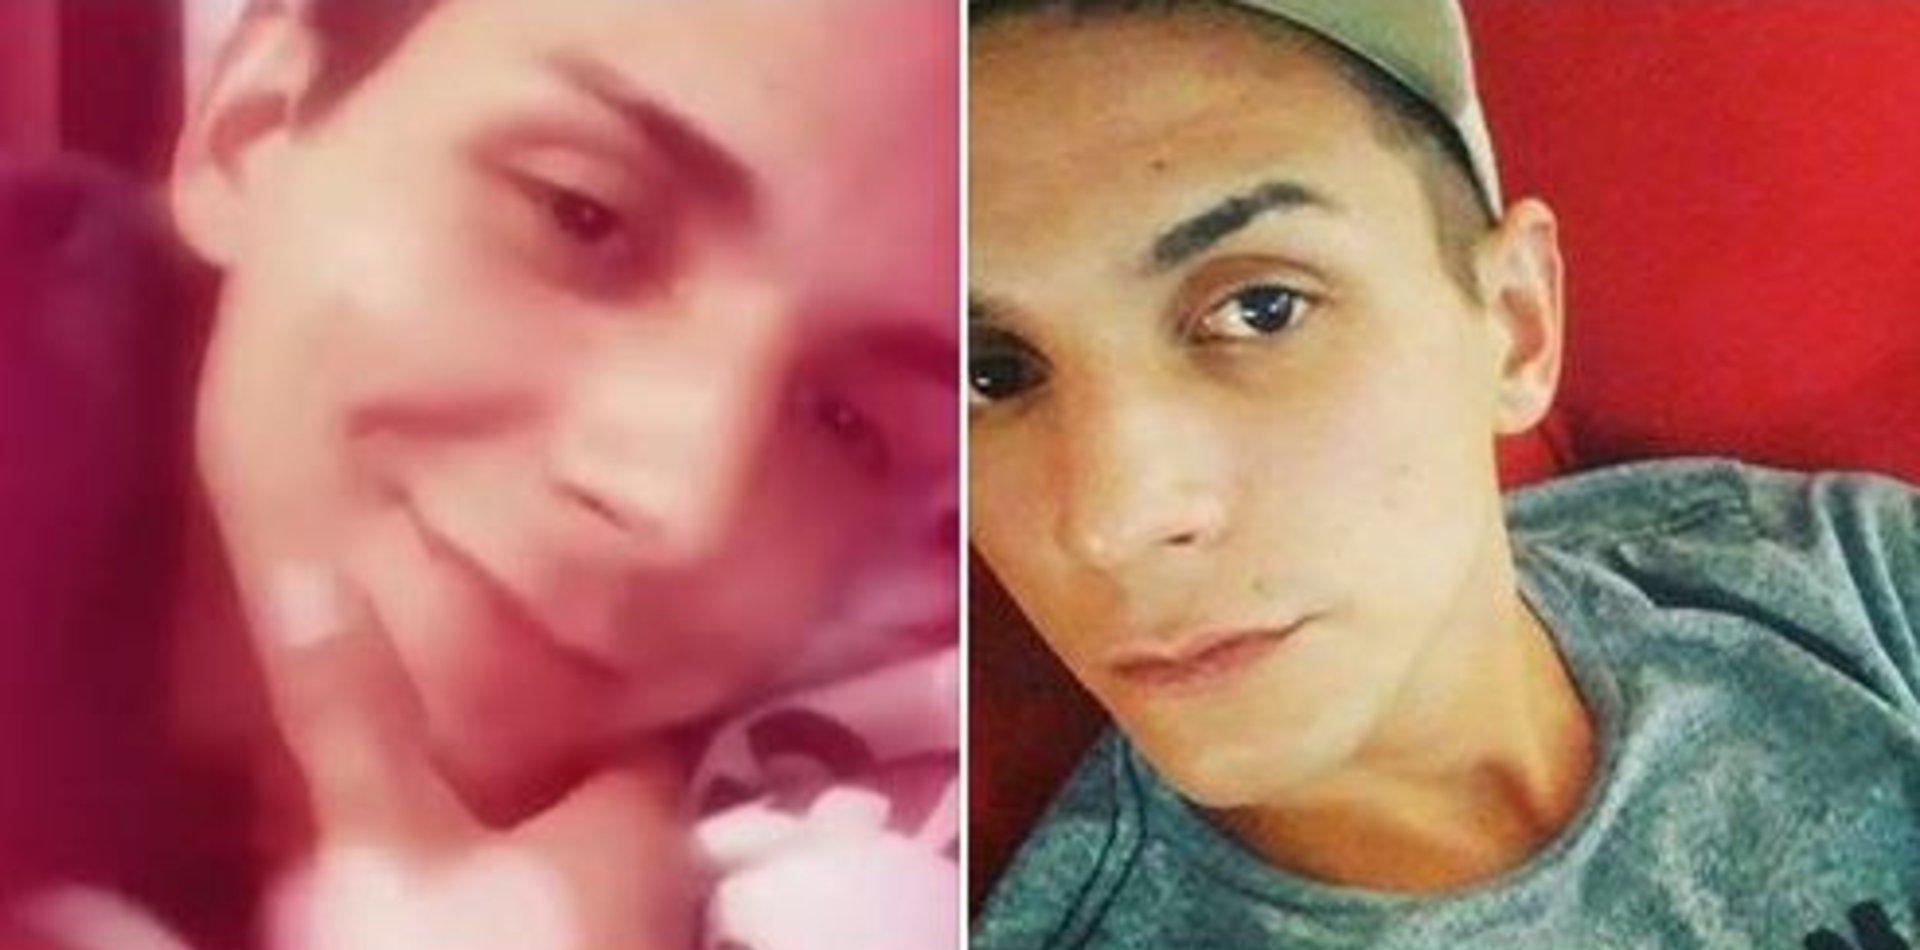 Su hermano murió en un choque en Los Hornos y ahora busca el celular que tenía sus fotos